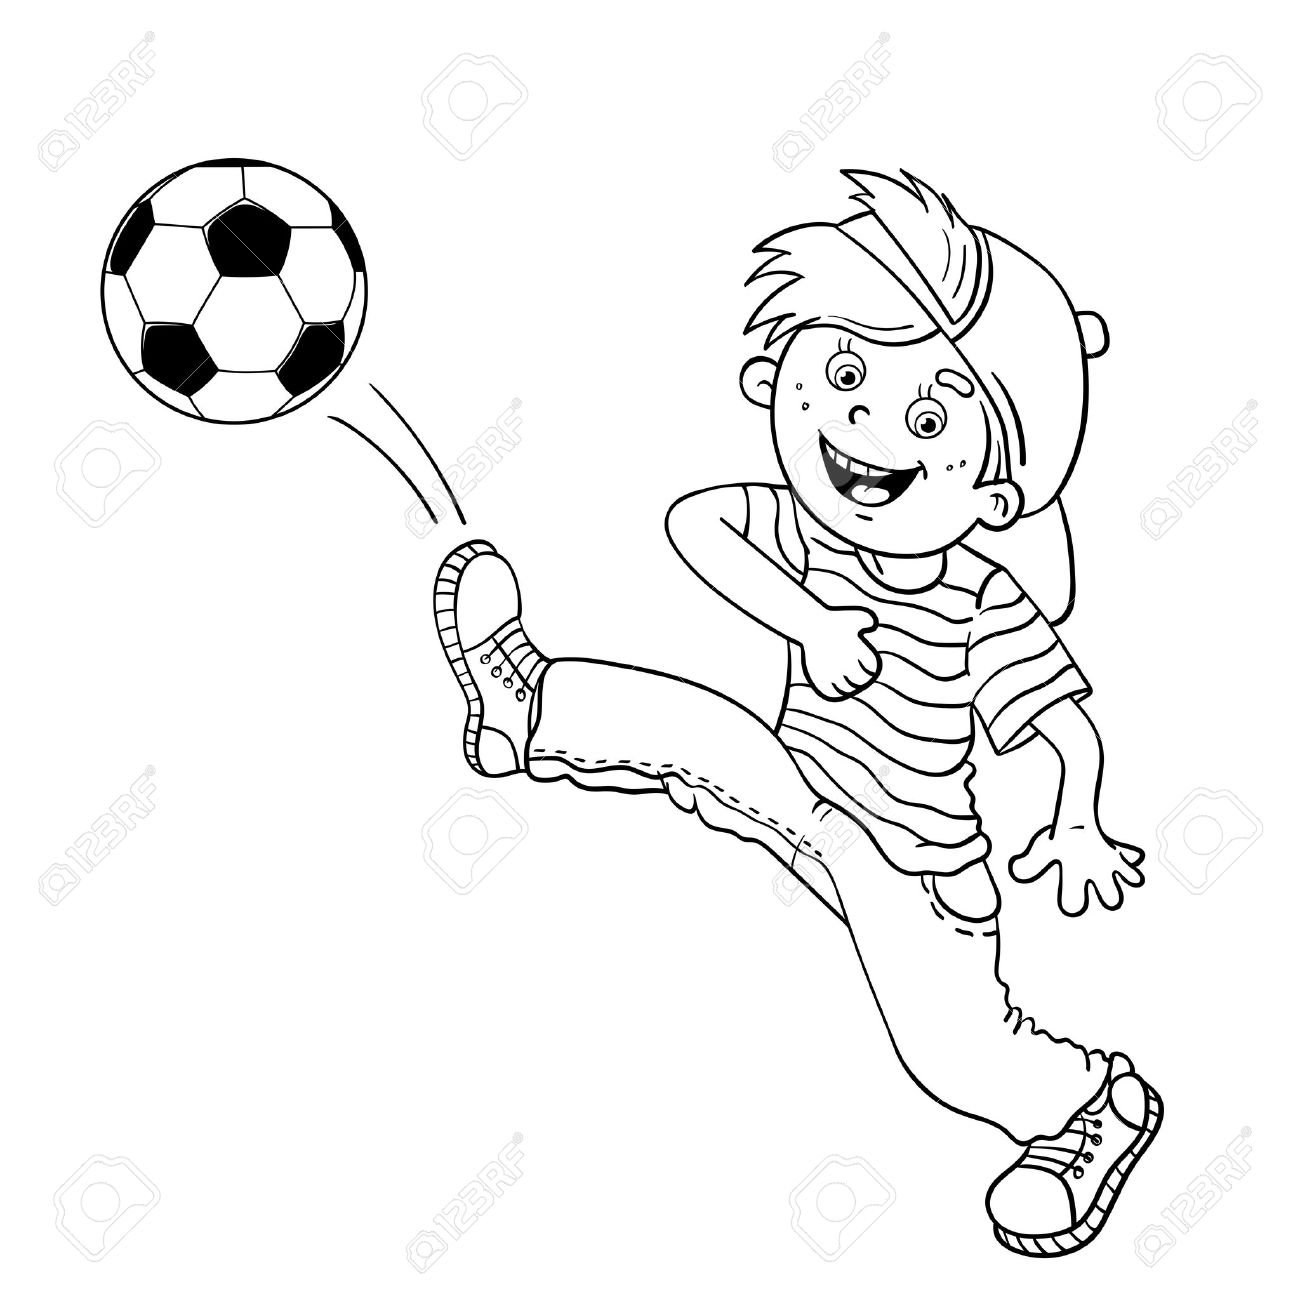 Small Soccer Ball Drawing At Getdrawings